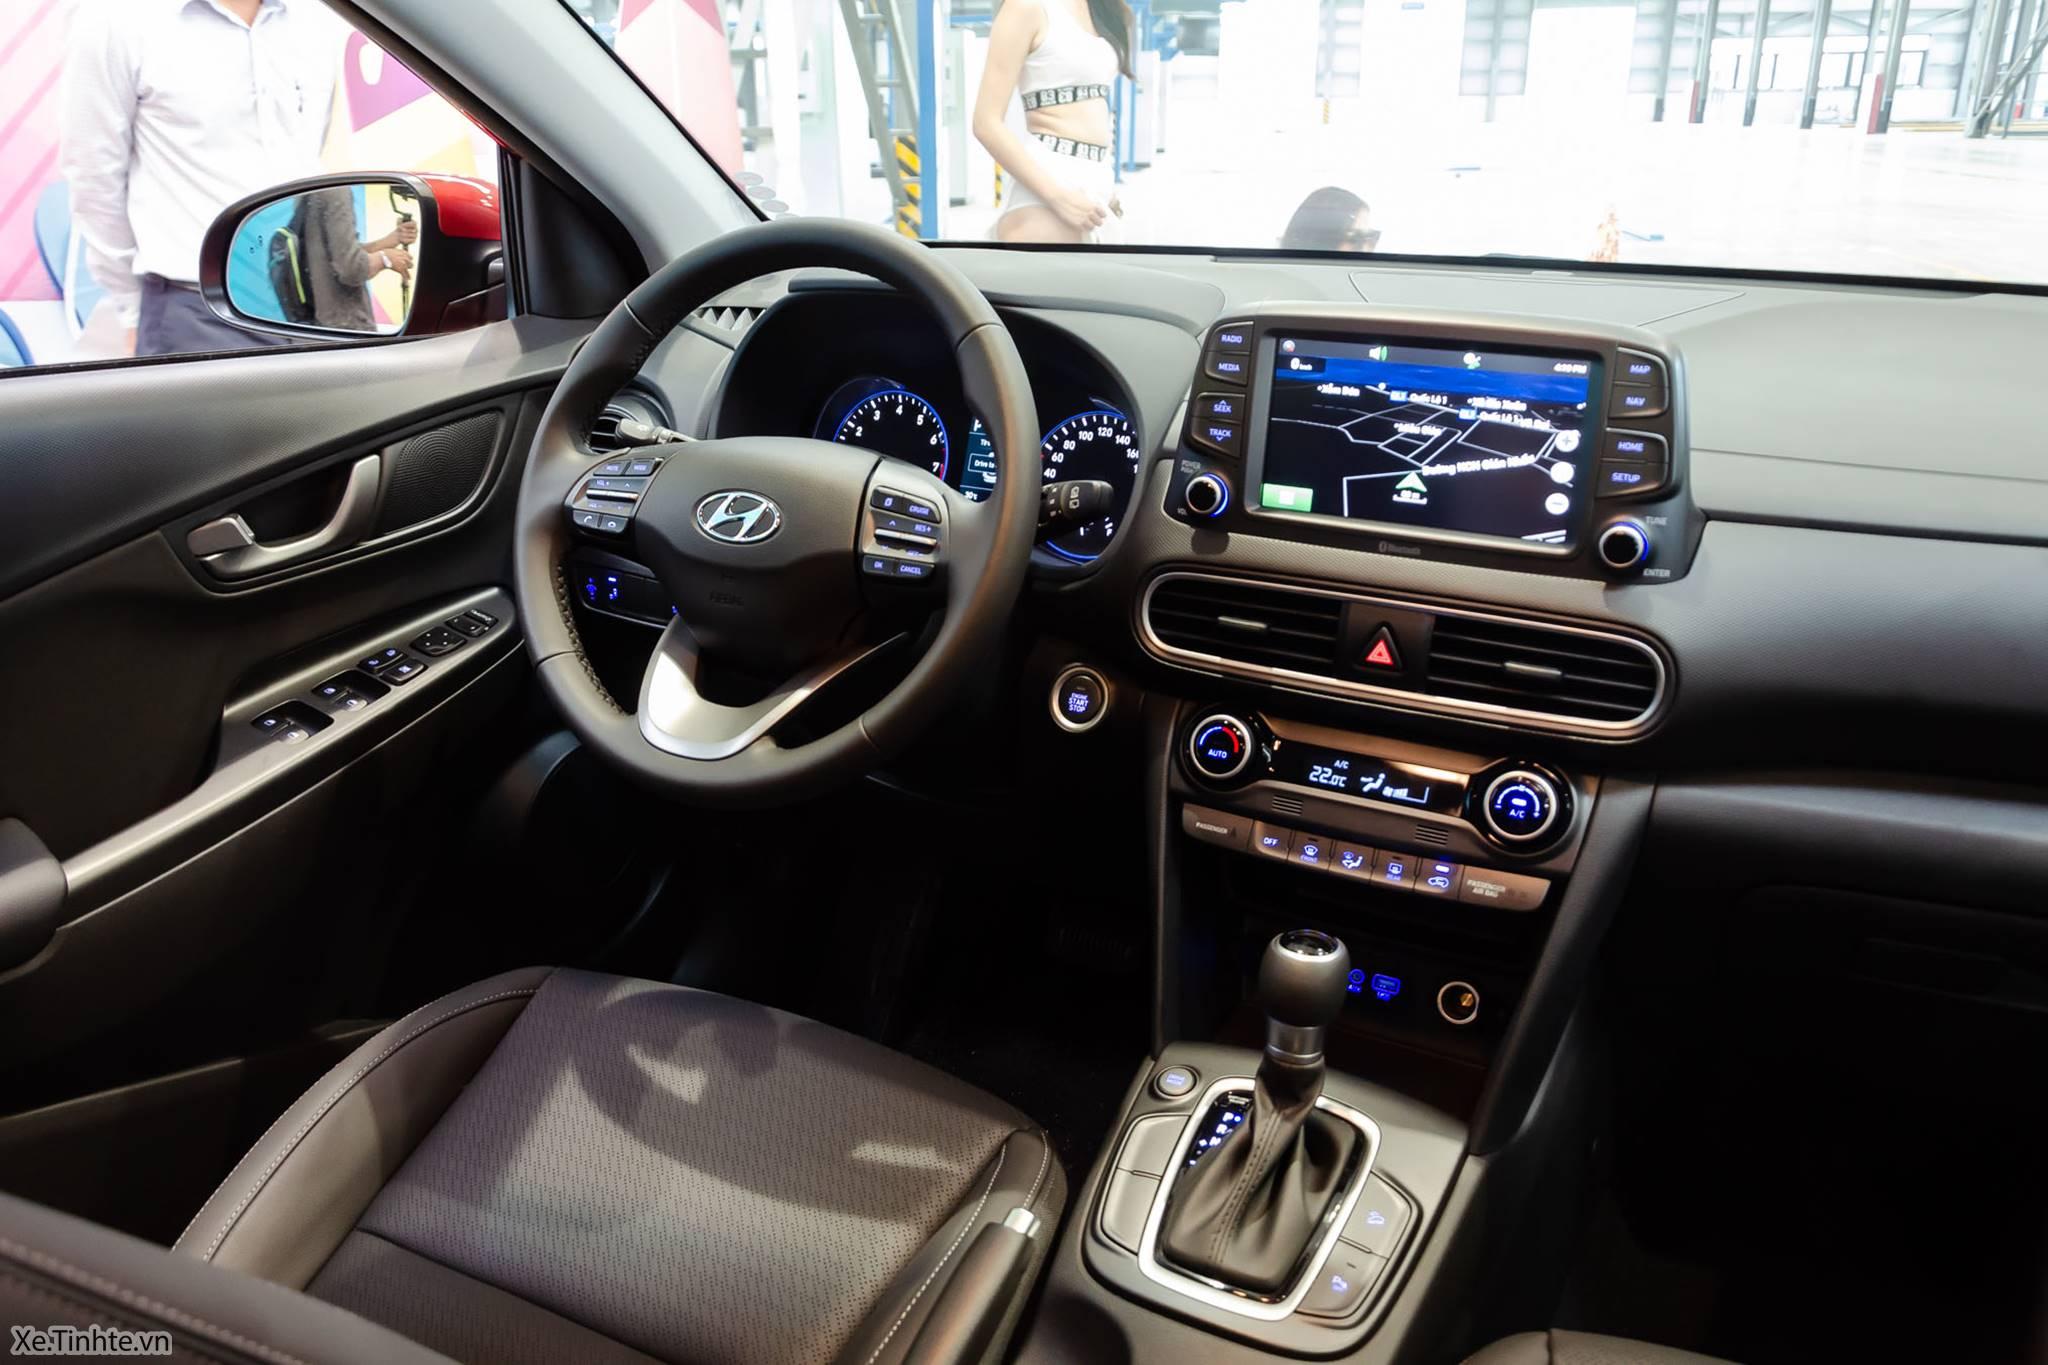 Hyundai_Kona_2018_Xe_Tinhte_DSC_6700.jpg